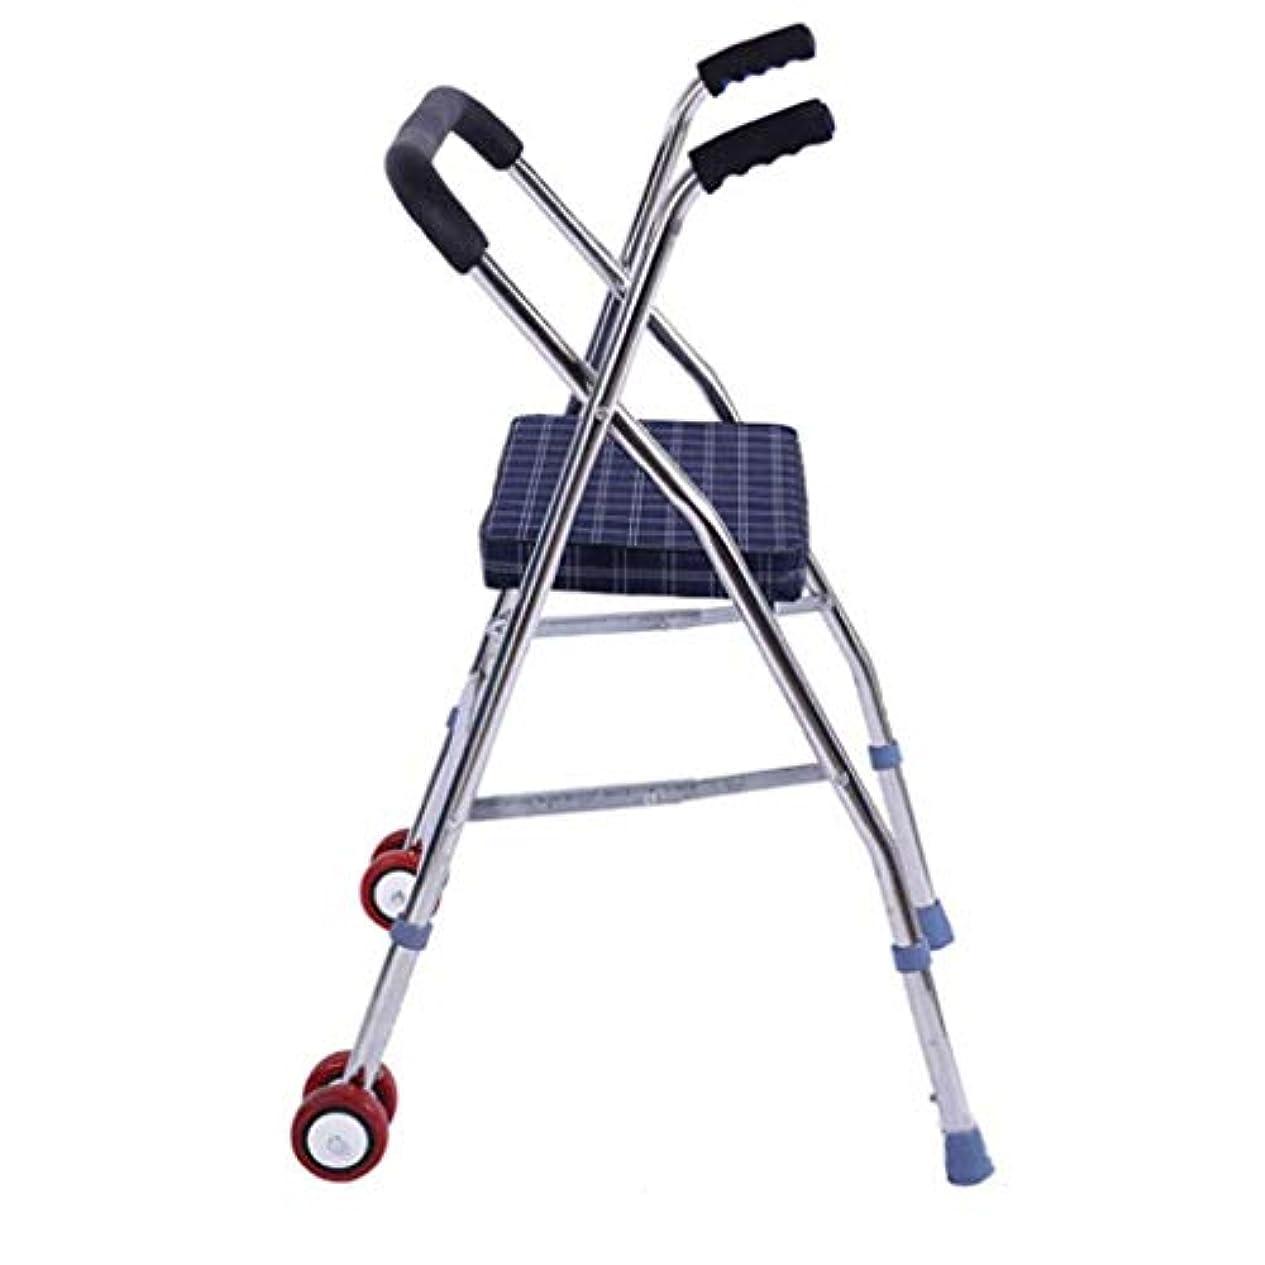 年配の歩行者、ステンレス鋼の動かされた歩行者調節可能な高さの折り畳み式の軽量の歩行者補助歩行者